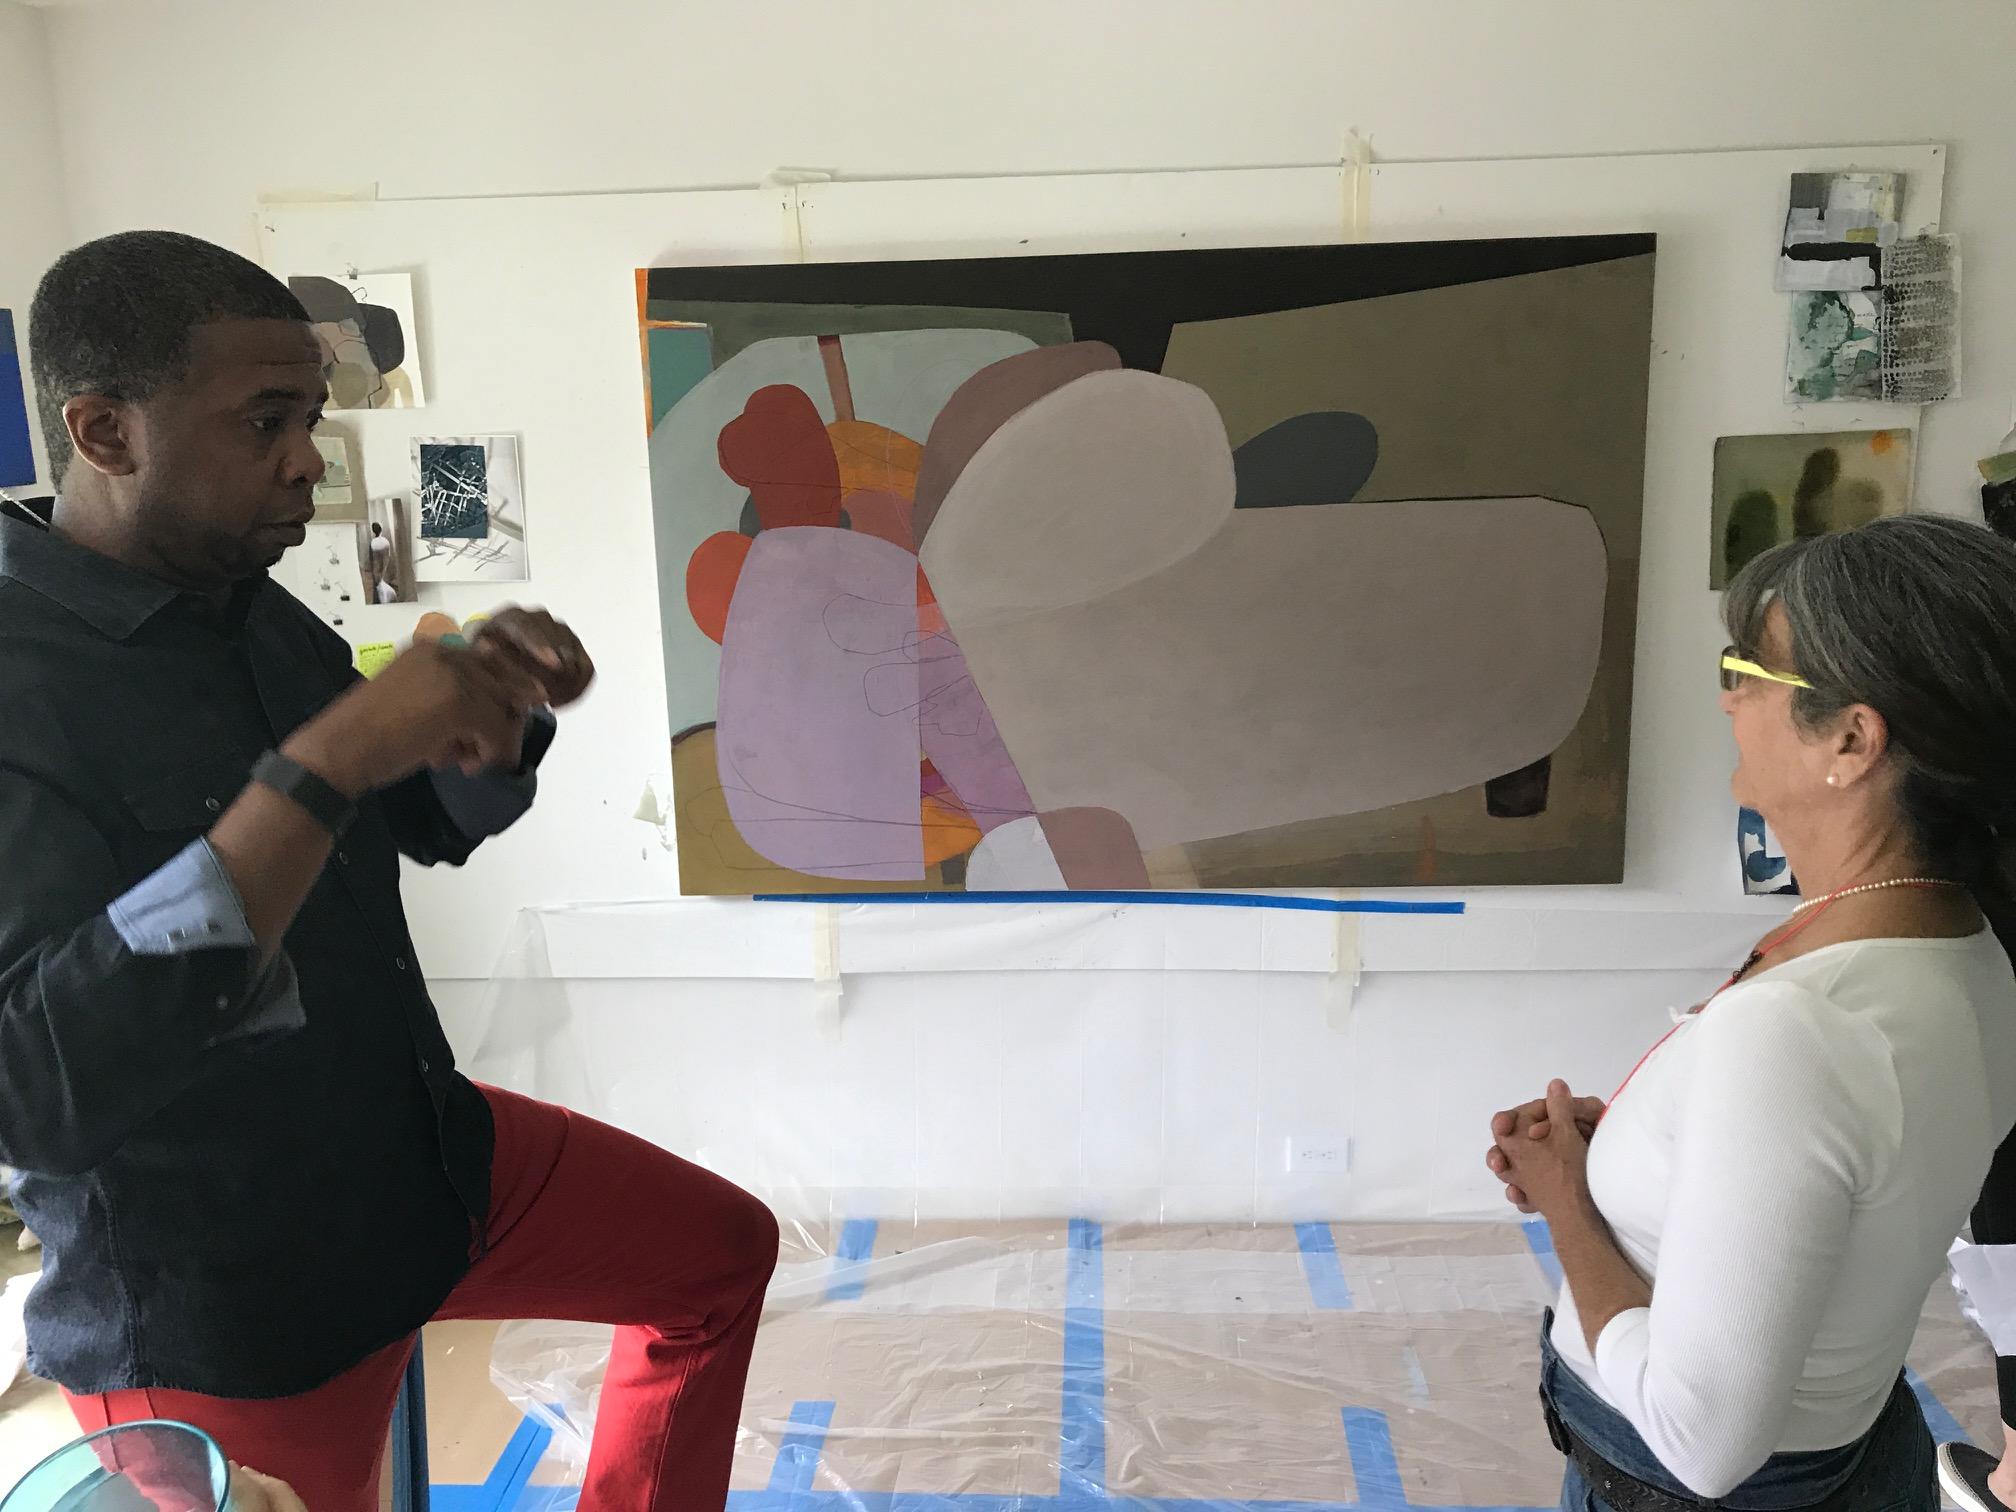 John Spriggins and Arienne discuss studio practice.